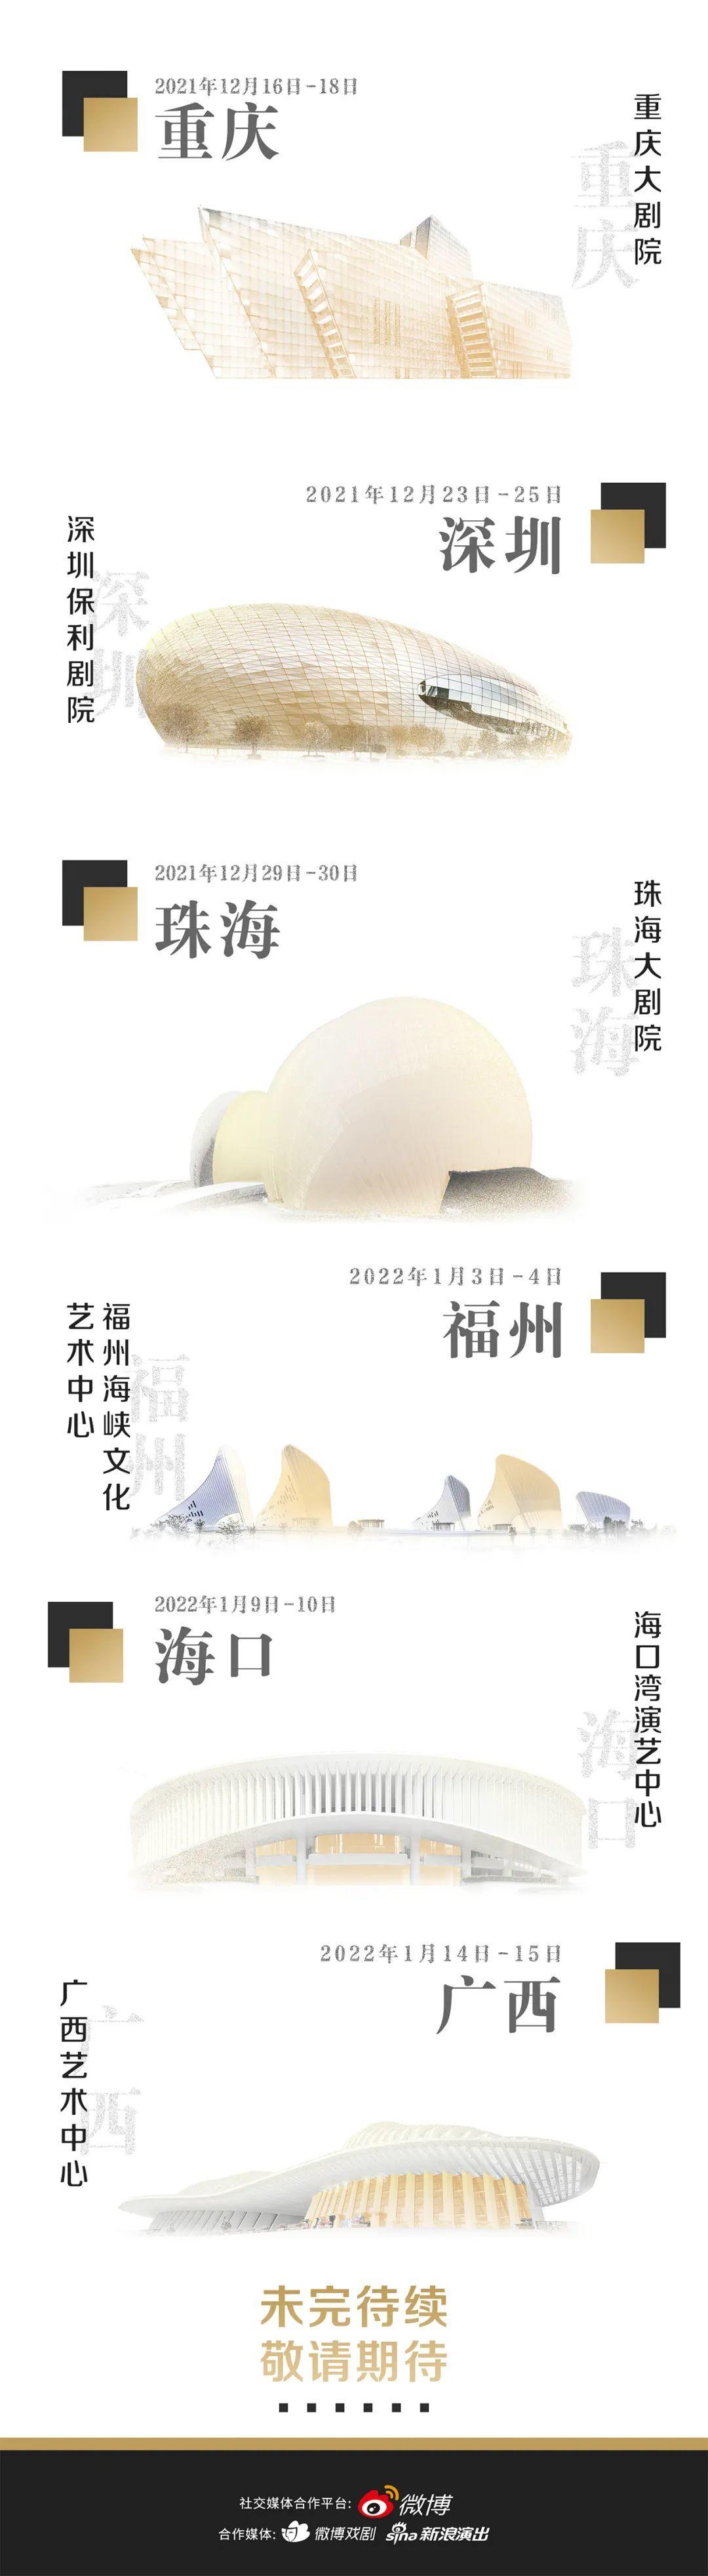 秋风知再会:李宗盛作品音乐剧《当爱已成往事》2021年巡演地图